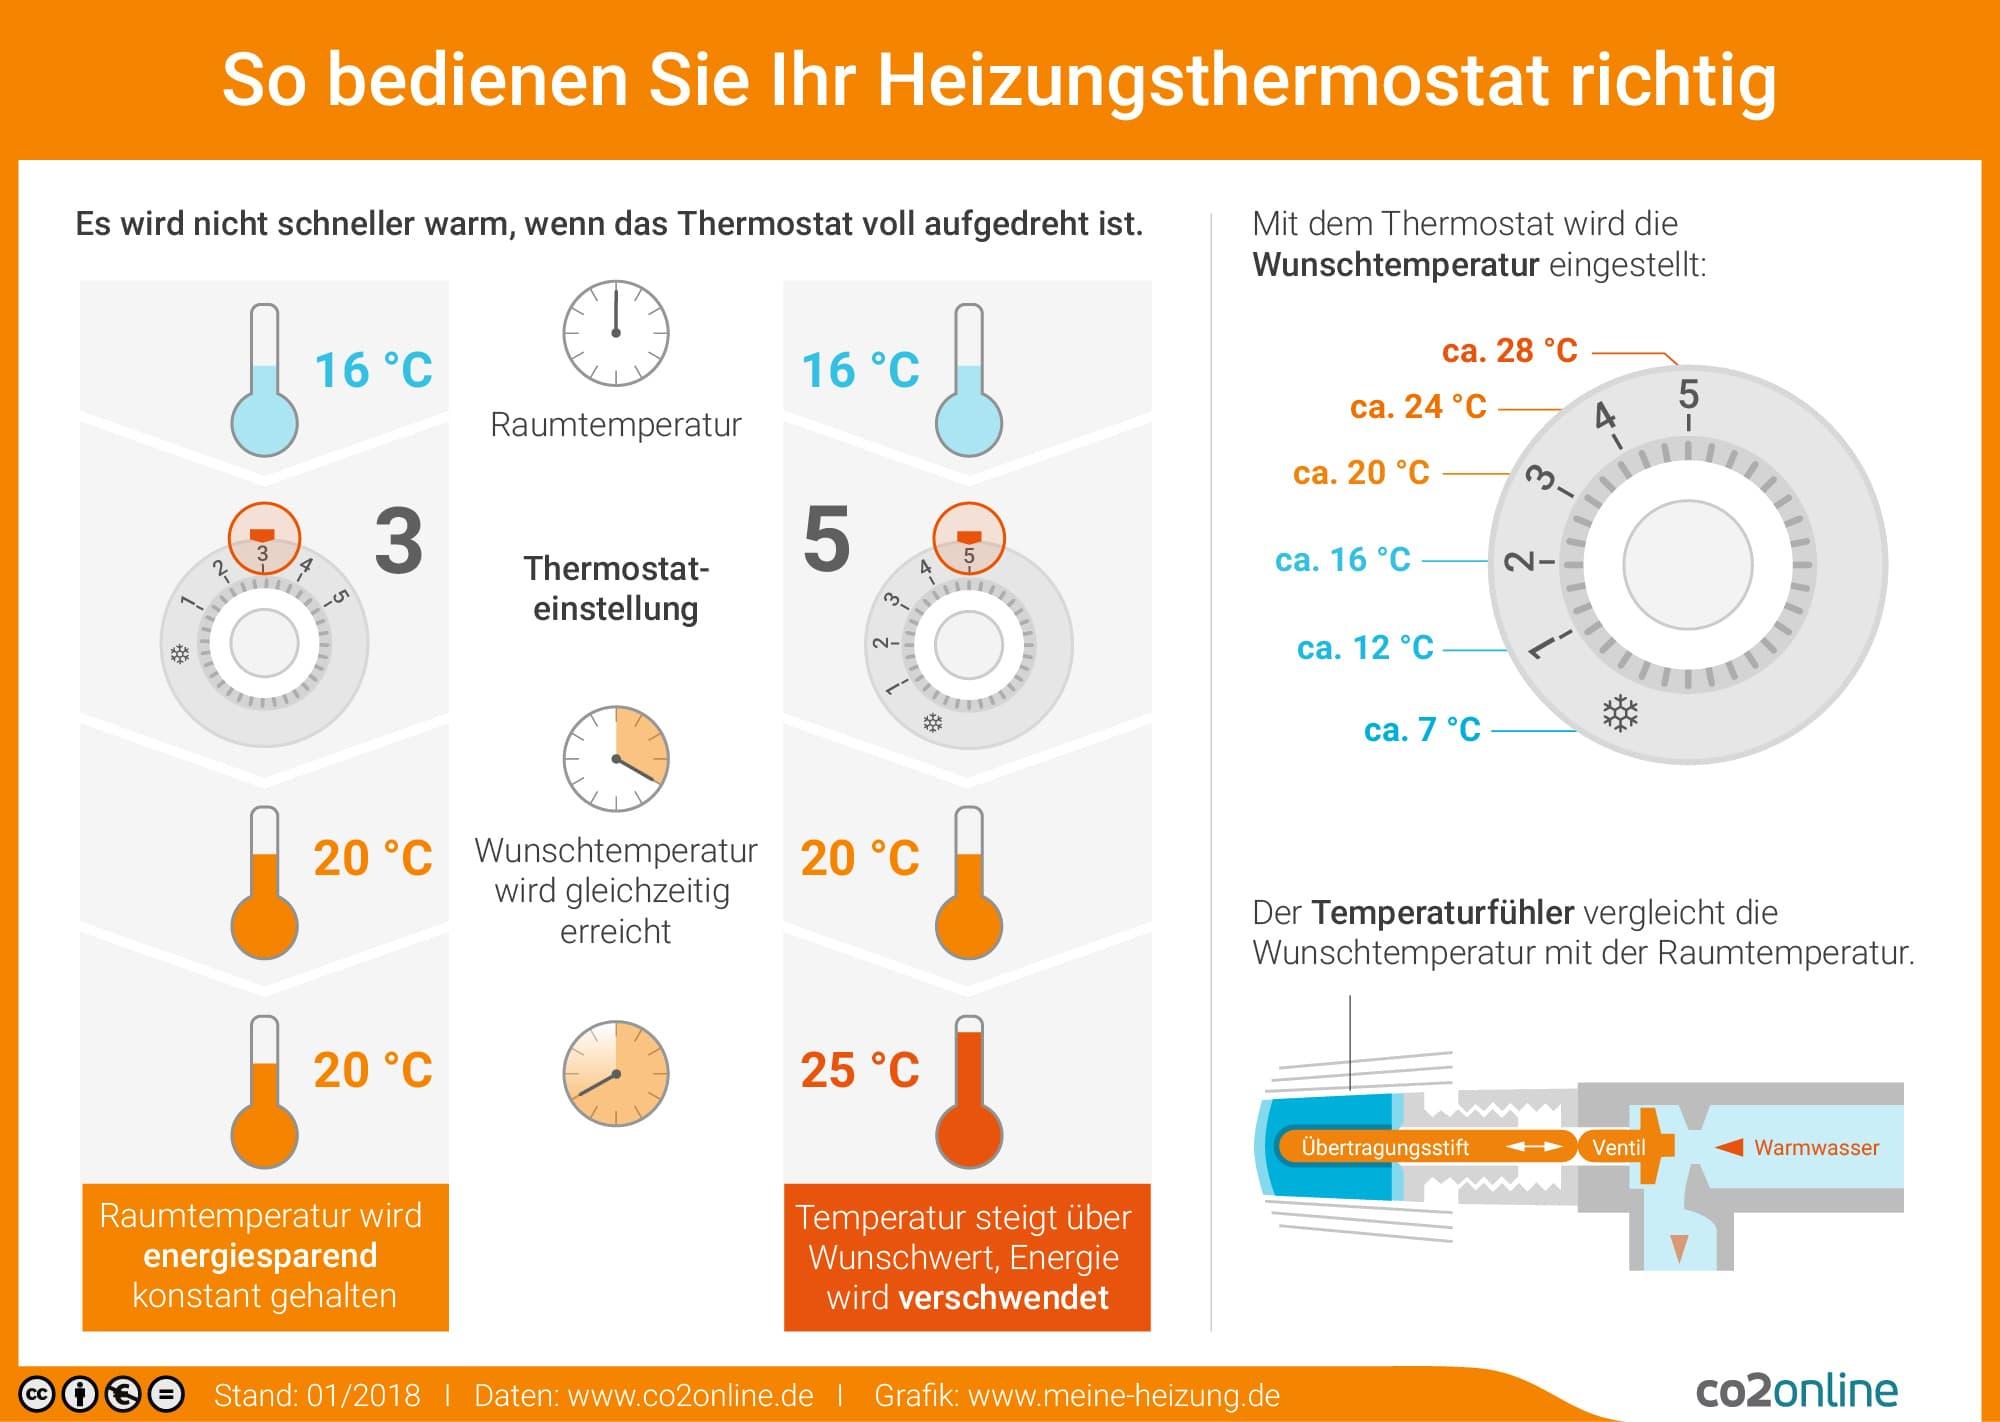 thermostat dusche wird nicht warm einrohrheizung heizk 246 rper wird nicht warm abdeckung. Black Bedroom Furniture Sets. Home Design Ideas